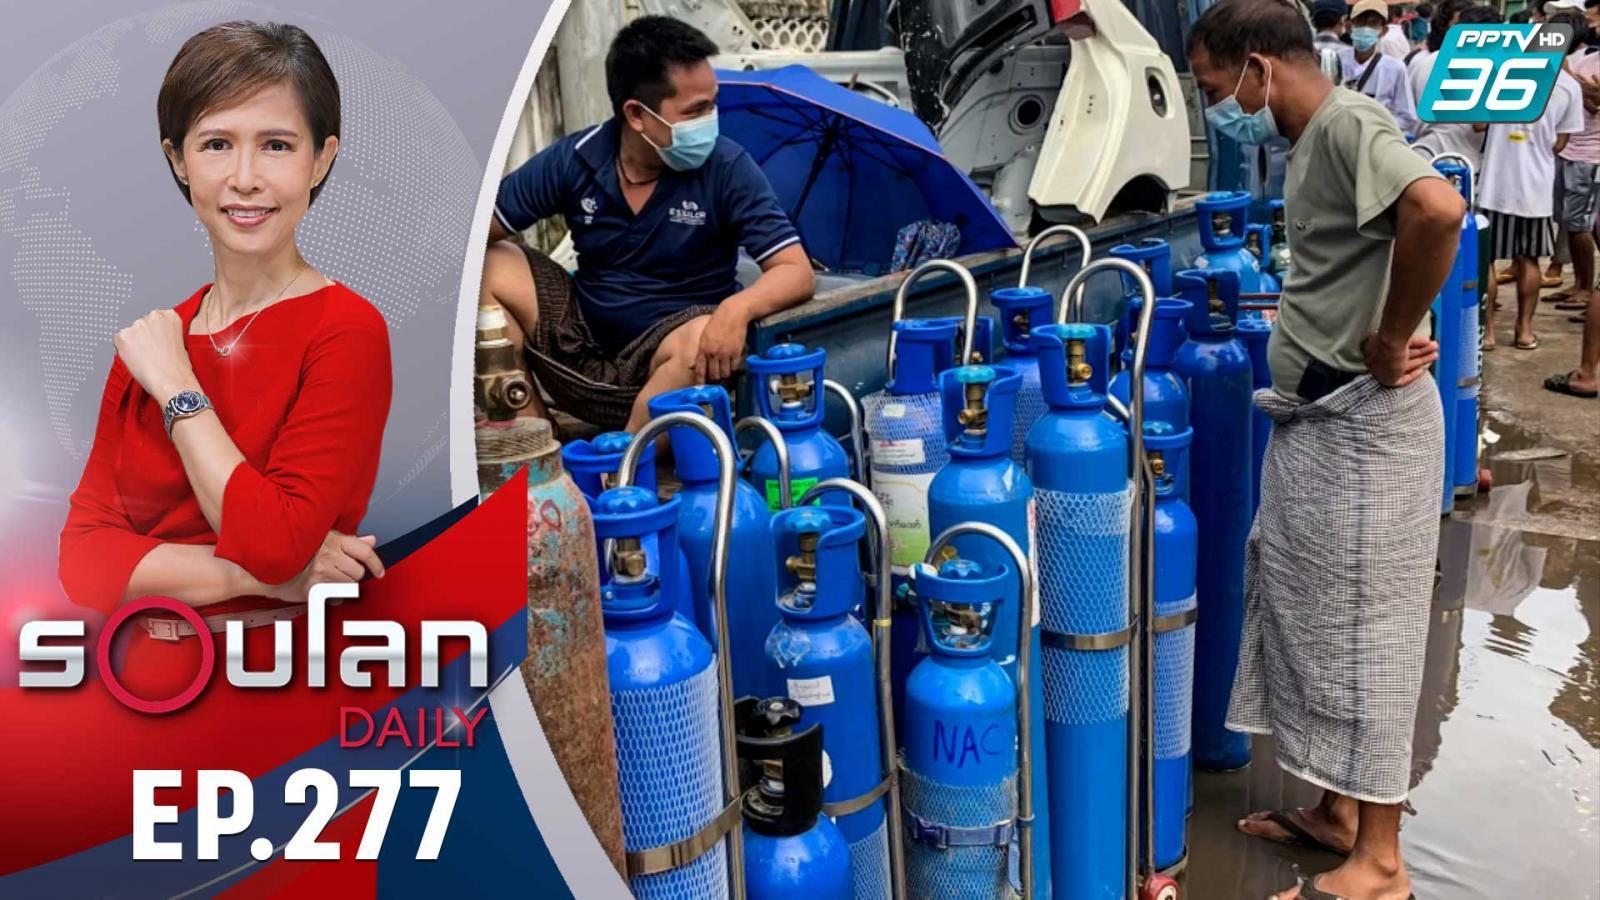 เมียนมาเผชิญวิกฤตโควิดระบาด ออกซิเจนขาดแคลน | 12 ก.ค. 64 | รอบโลก DAILY